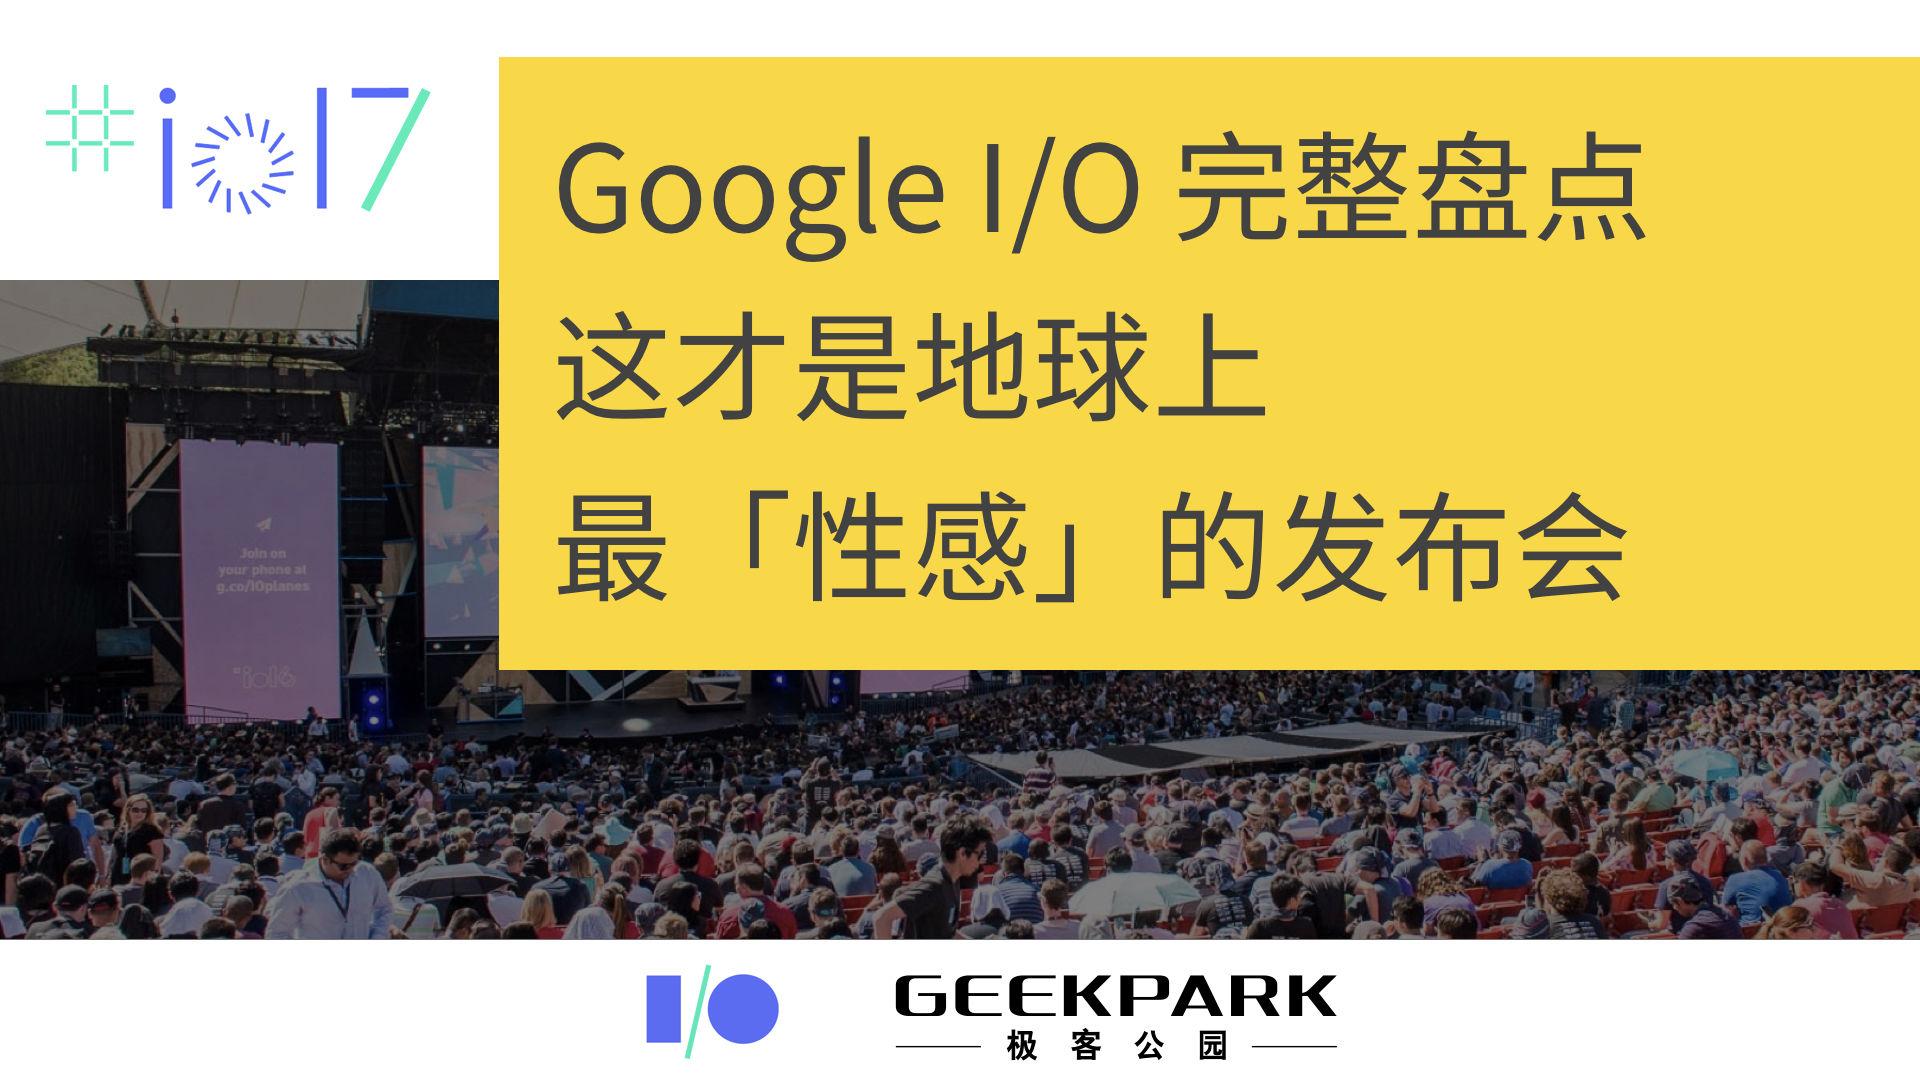 Google I/O 完整盘点,这才是地球上最「性感」的发布会